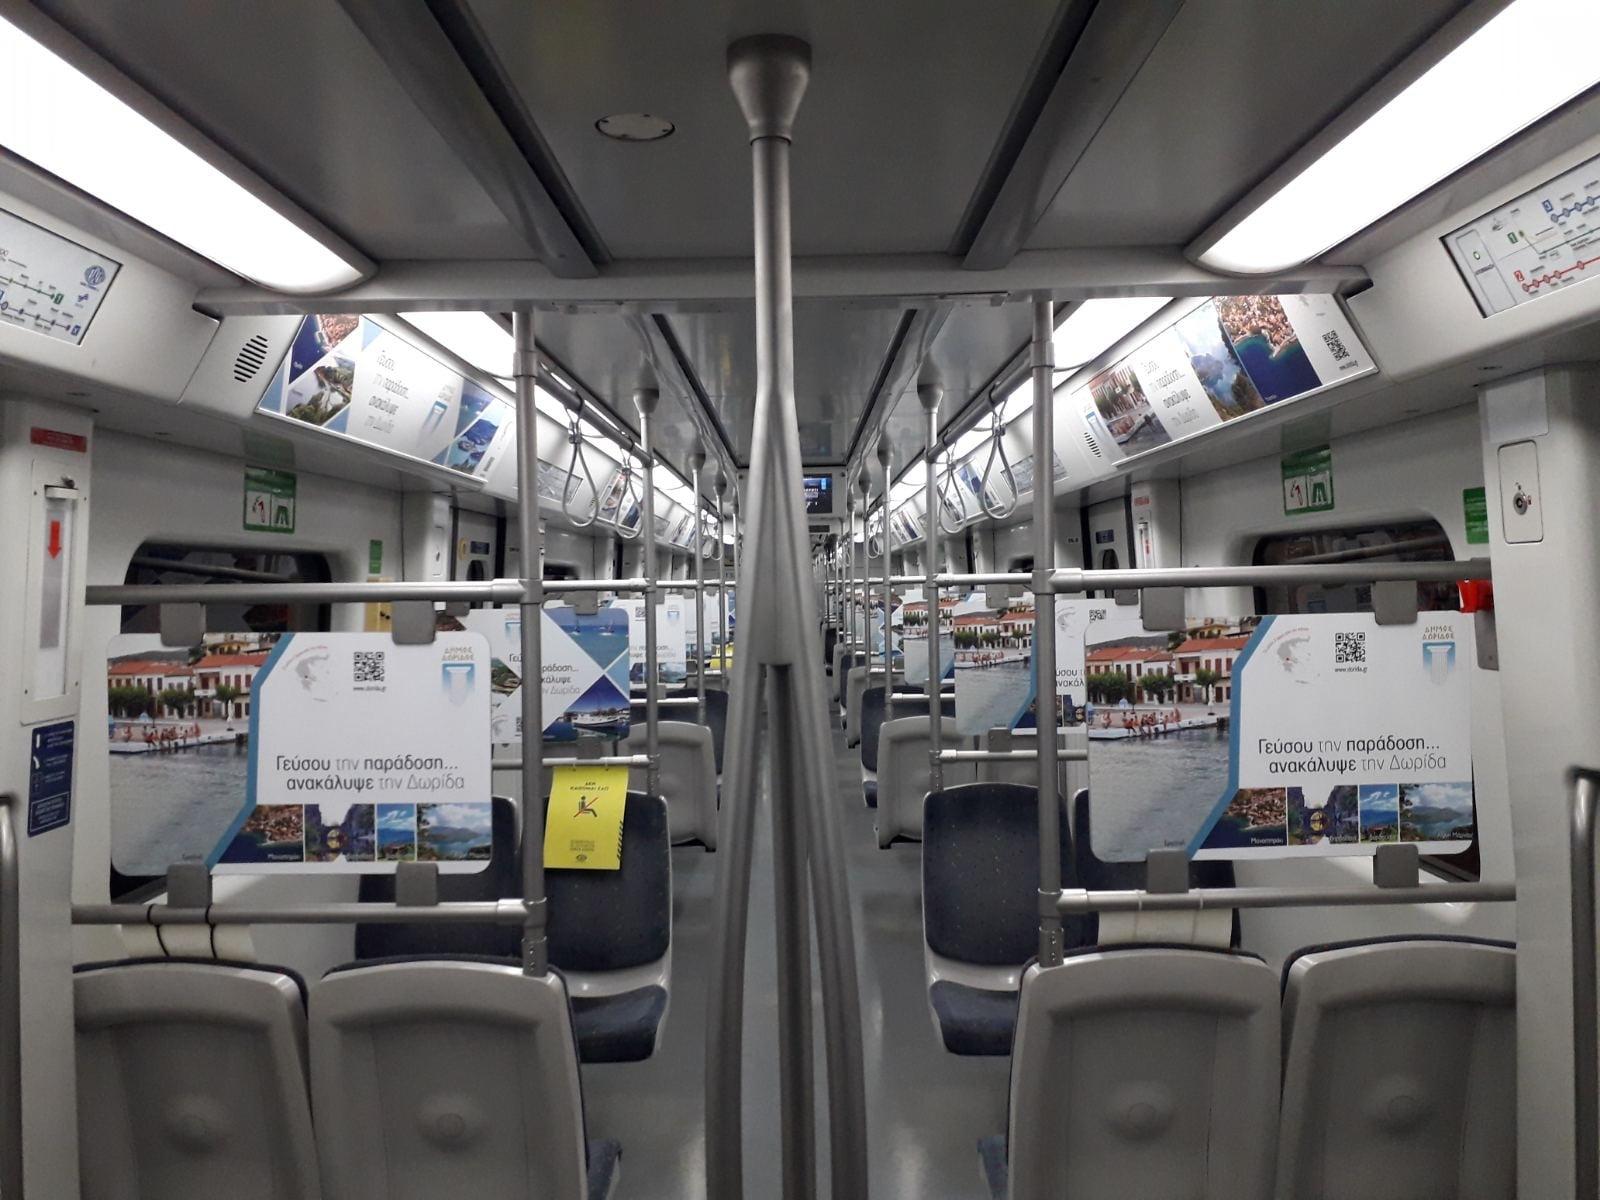 Η Δωρίδα ταξιδεύει με το Αττικό Μετρό  Η Δωρίδα ταξιδεύει με το Αττικό Μετρό                           1